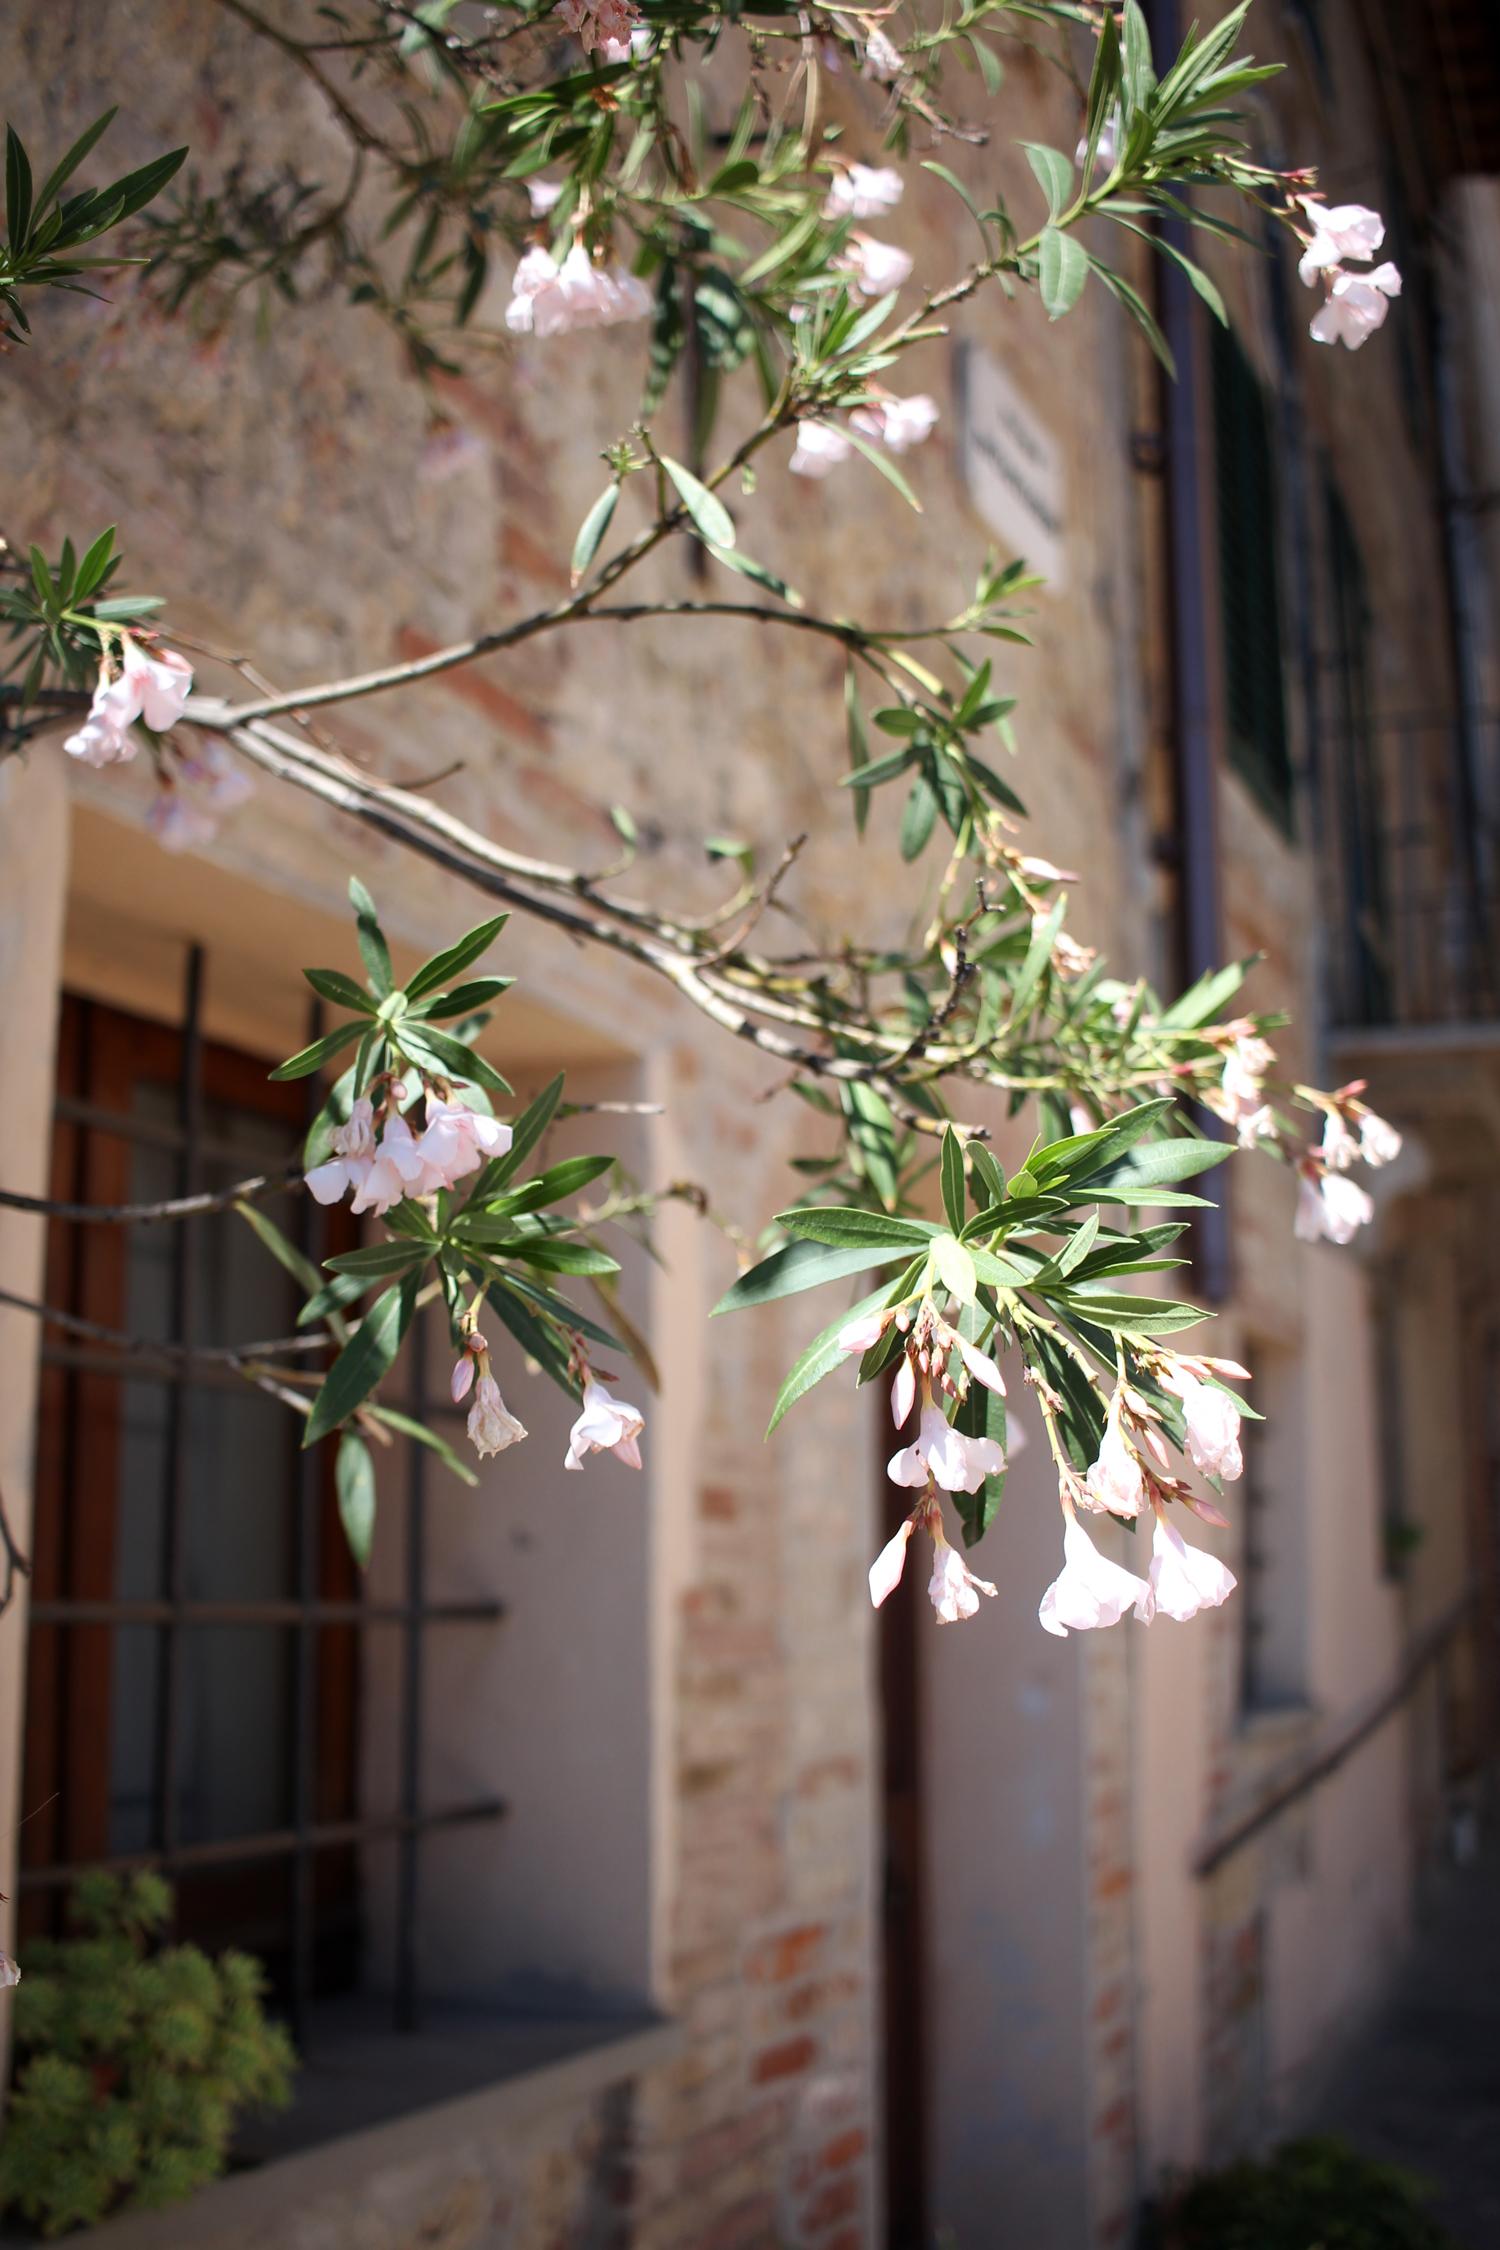 tuscany-italy-montepulciano-travel-blogger-8